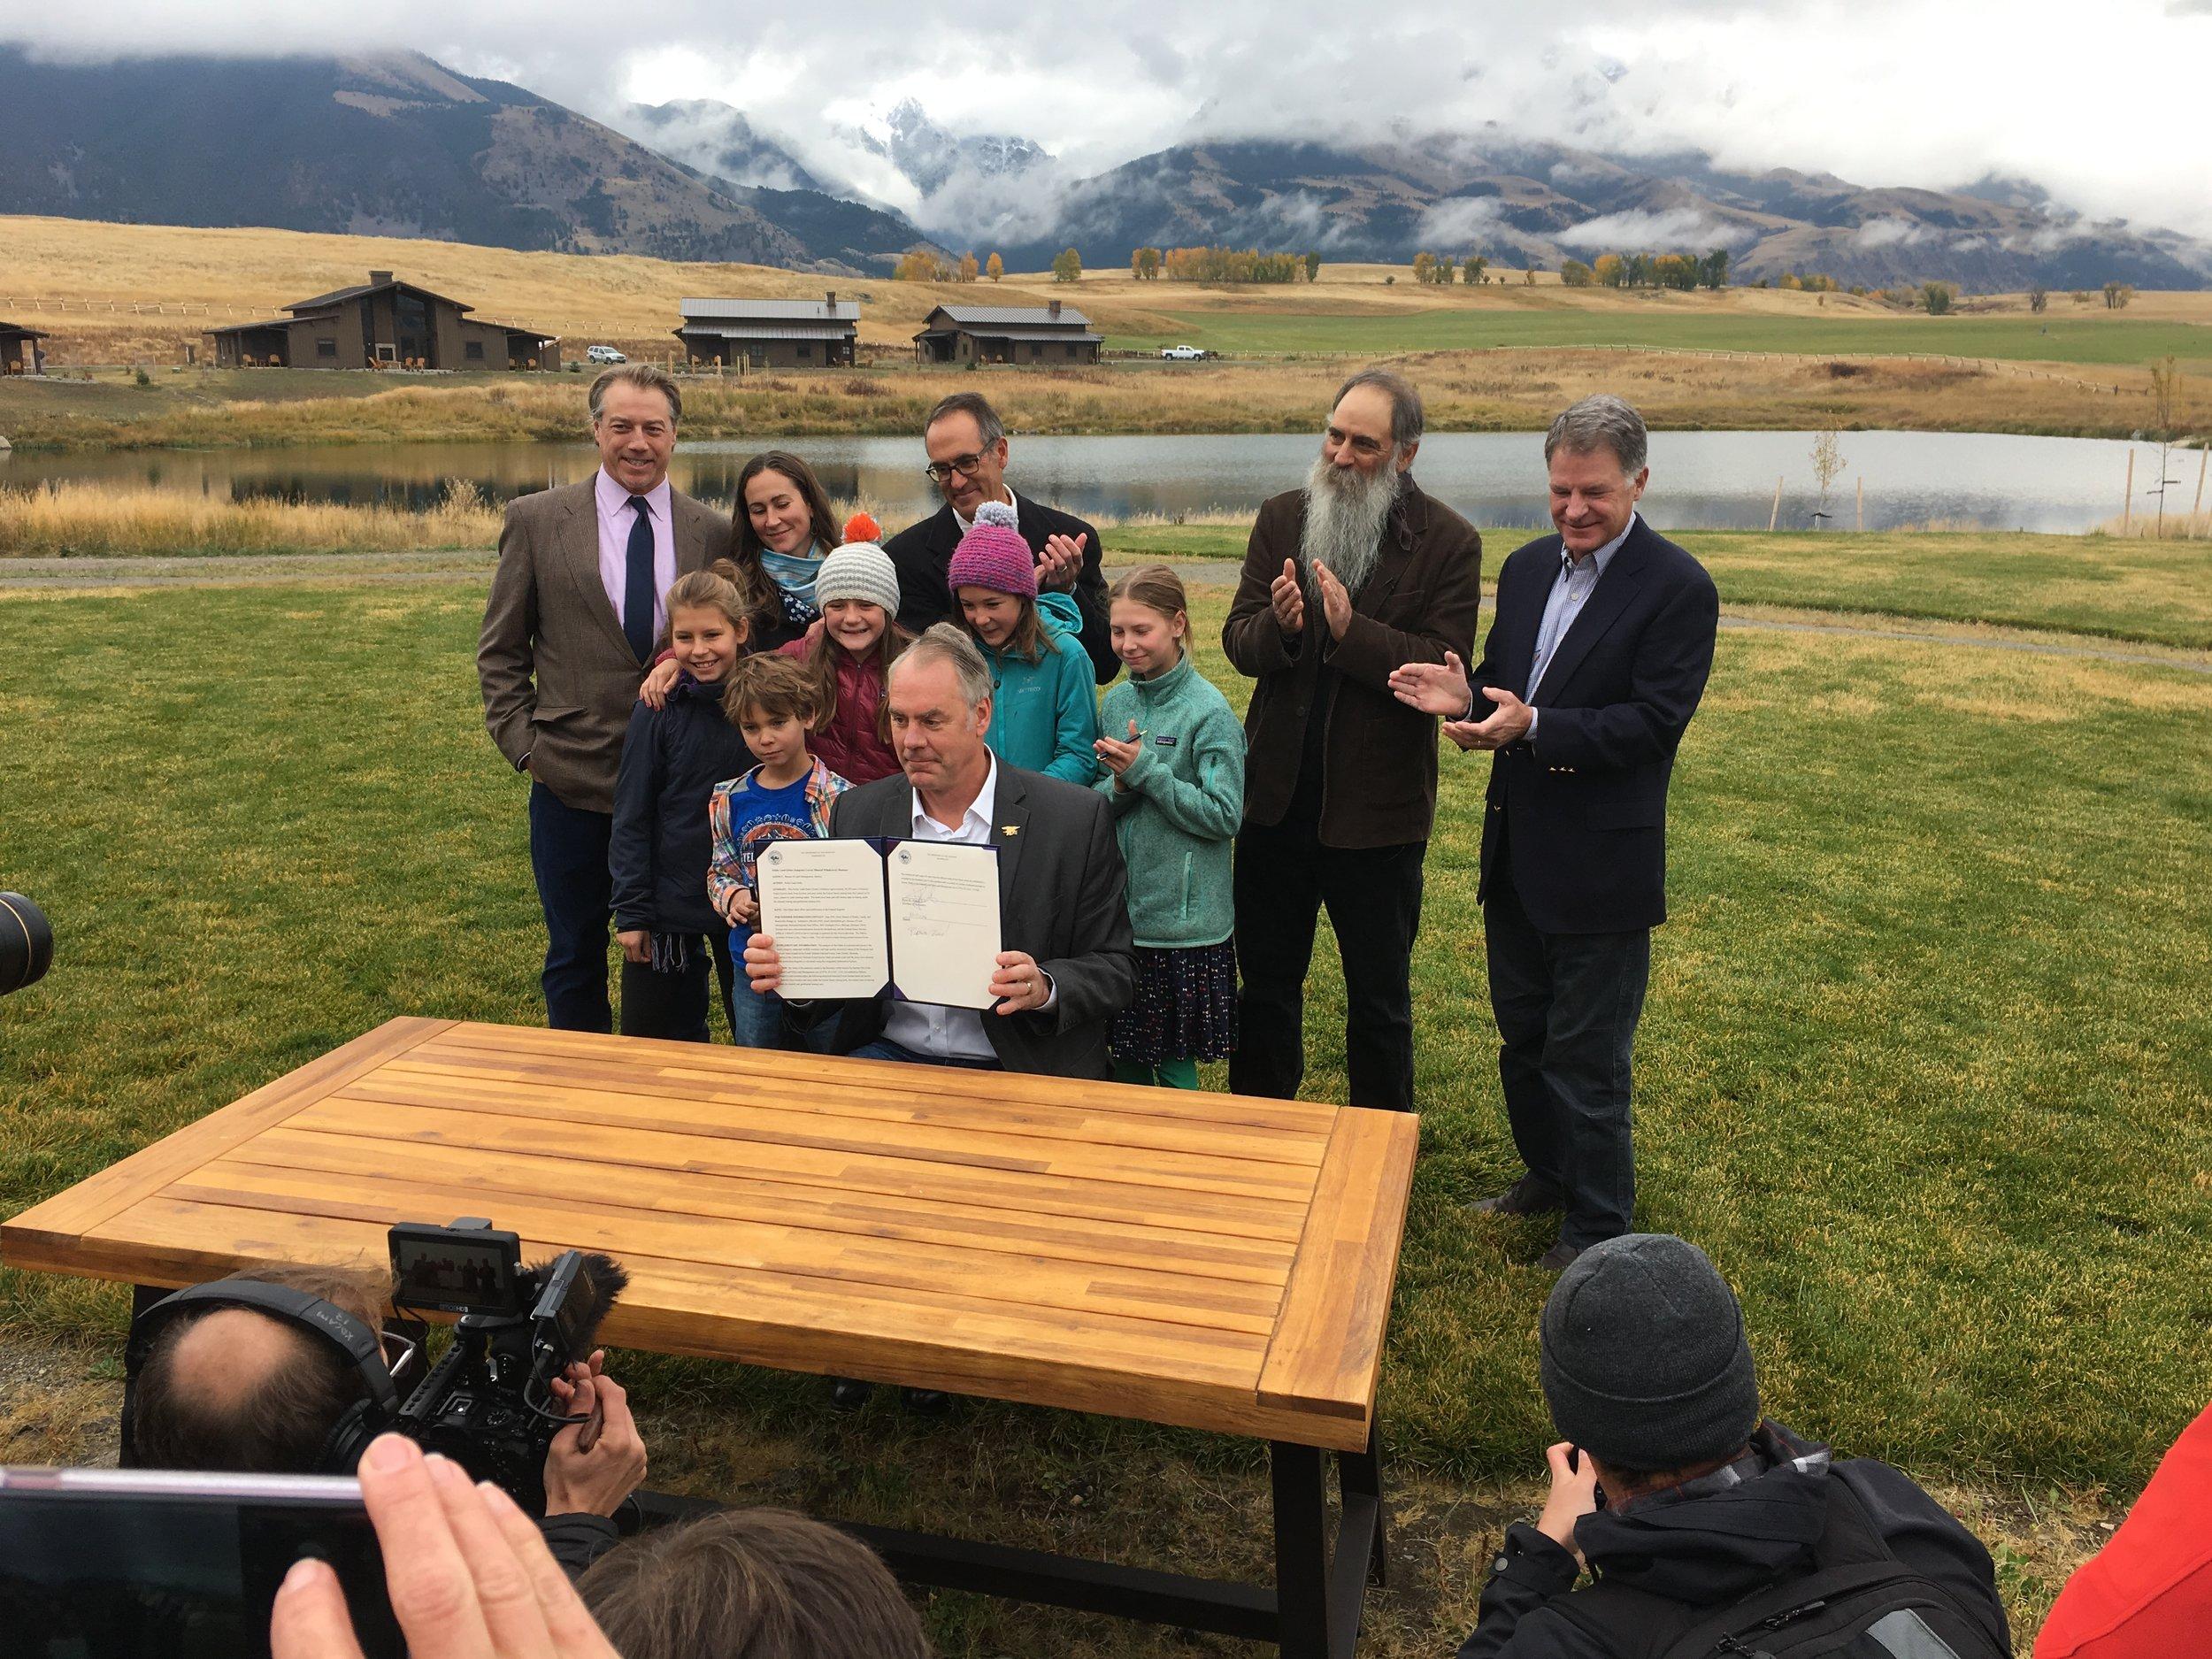 Secretary Zinke signs a 20-year mining timeout for Yellowstone's northern gateway. (Photo GYC.)